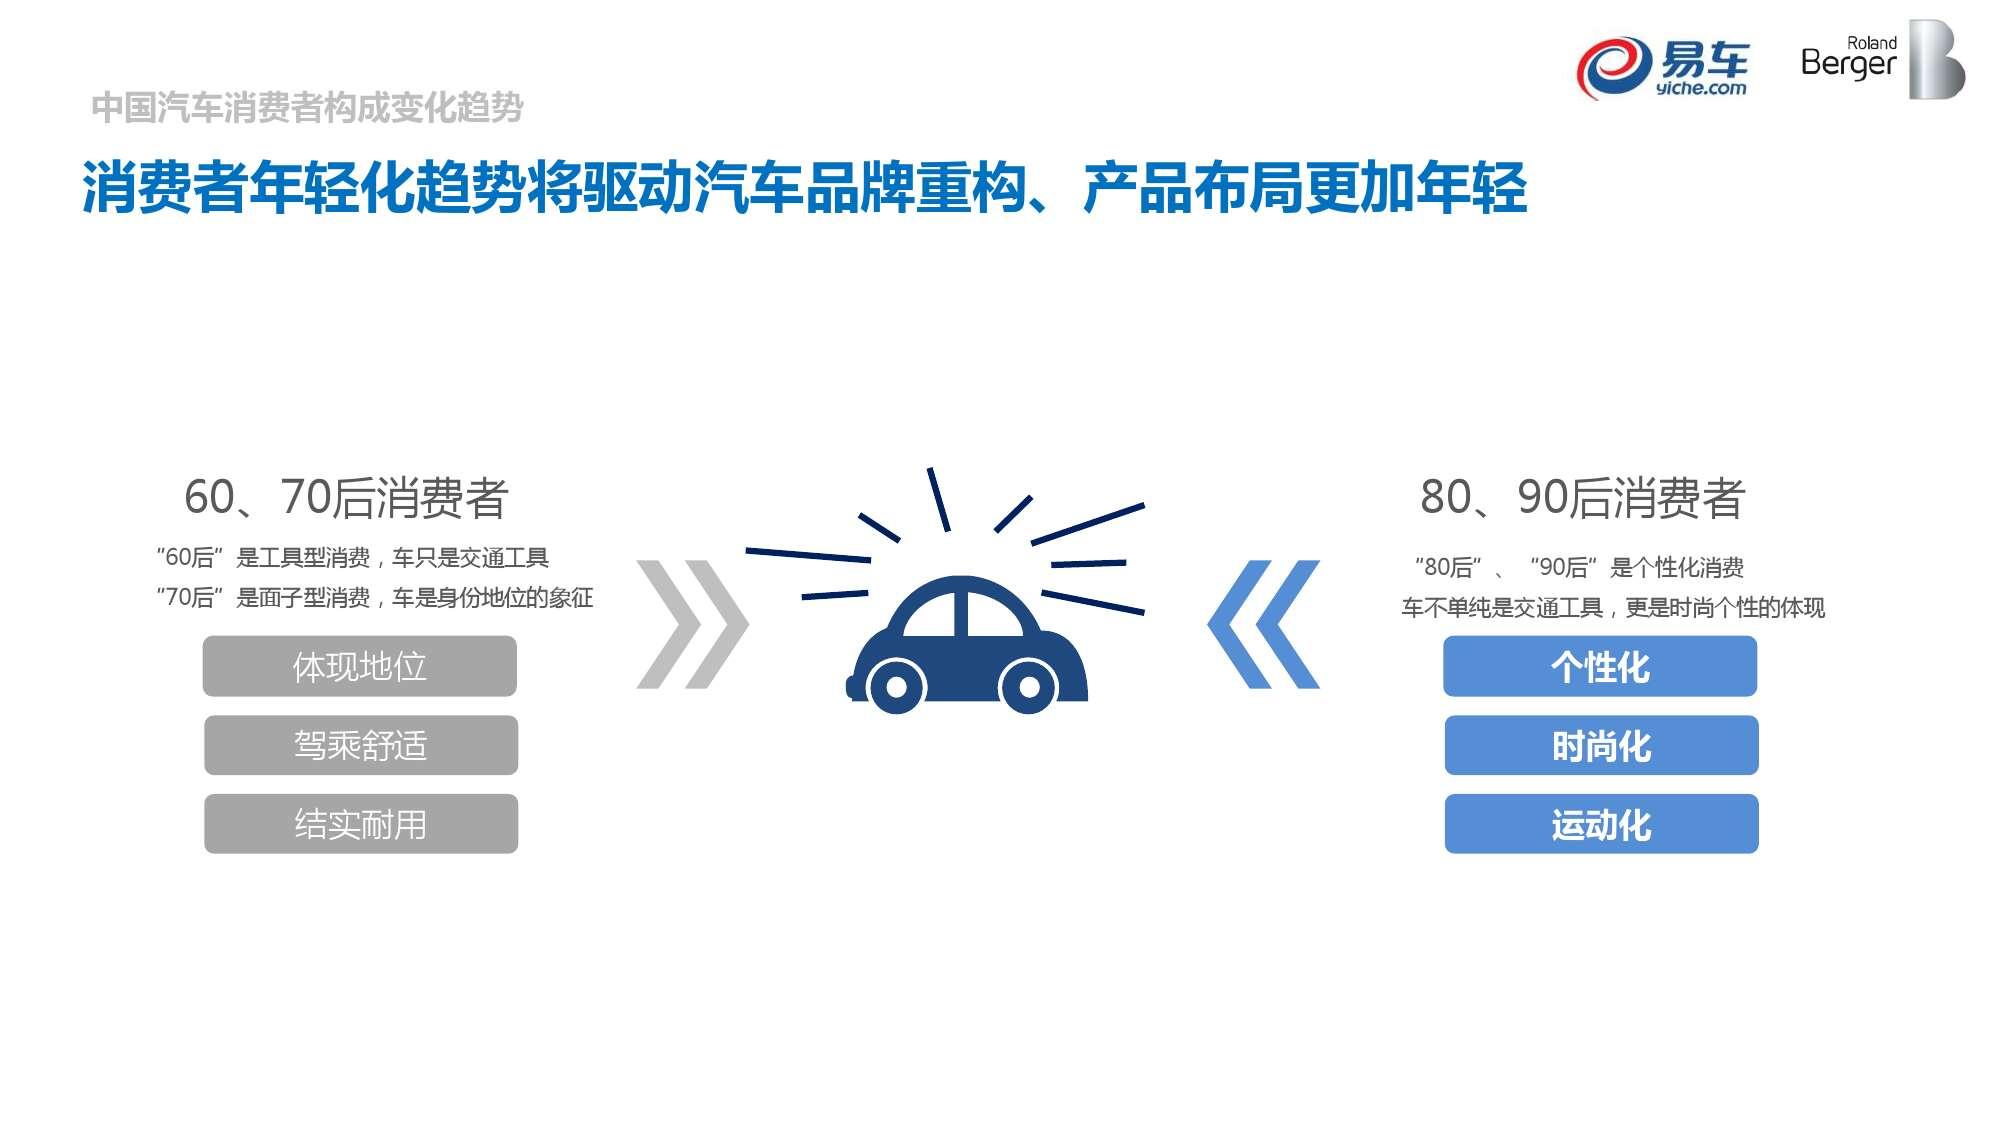 2015中国汽车消费者洞察报告_000022